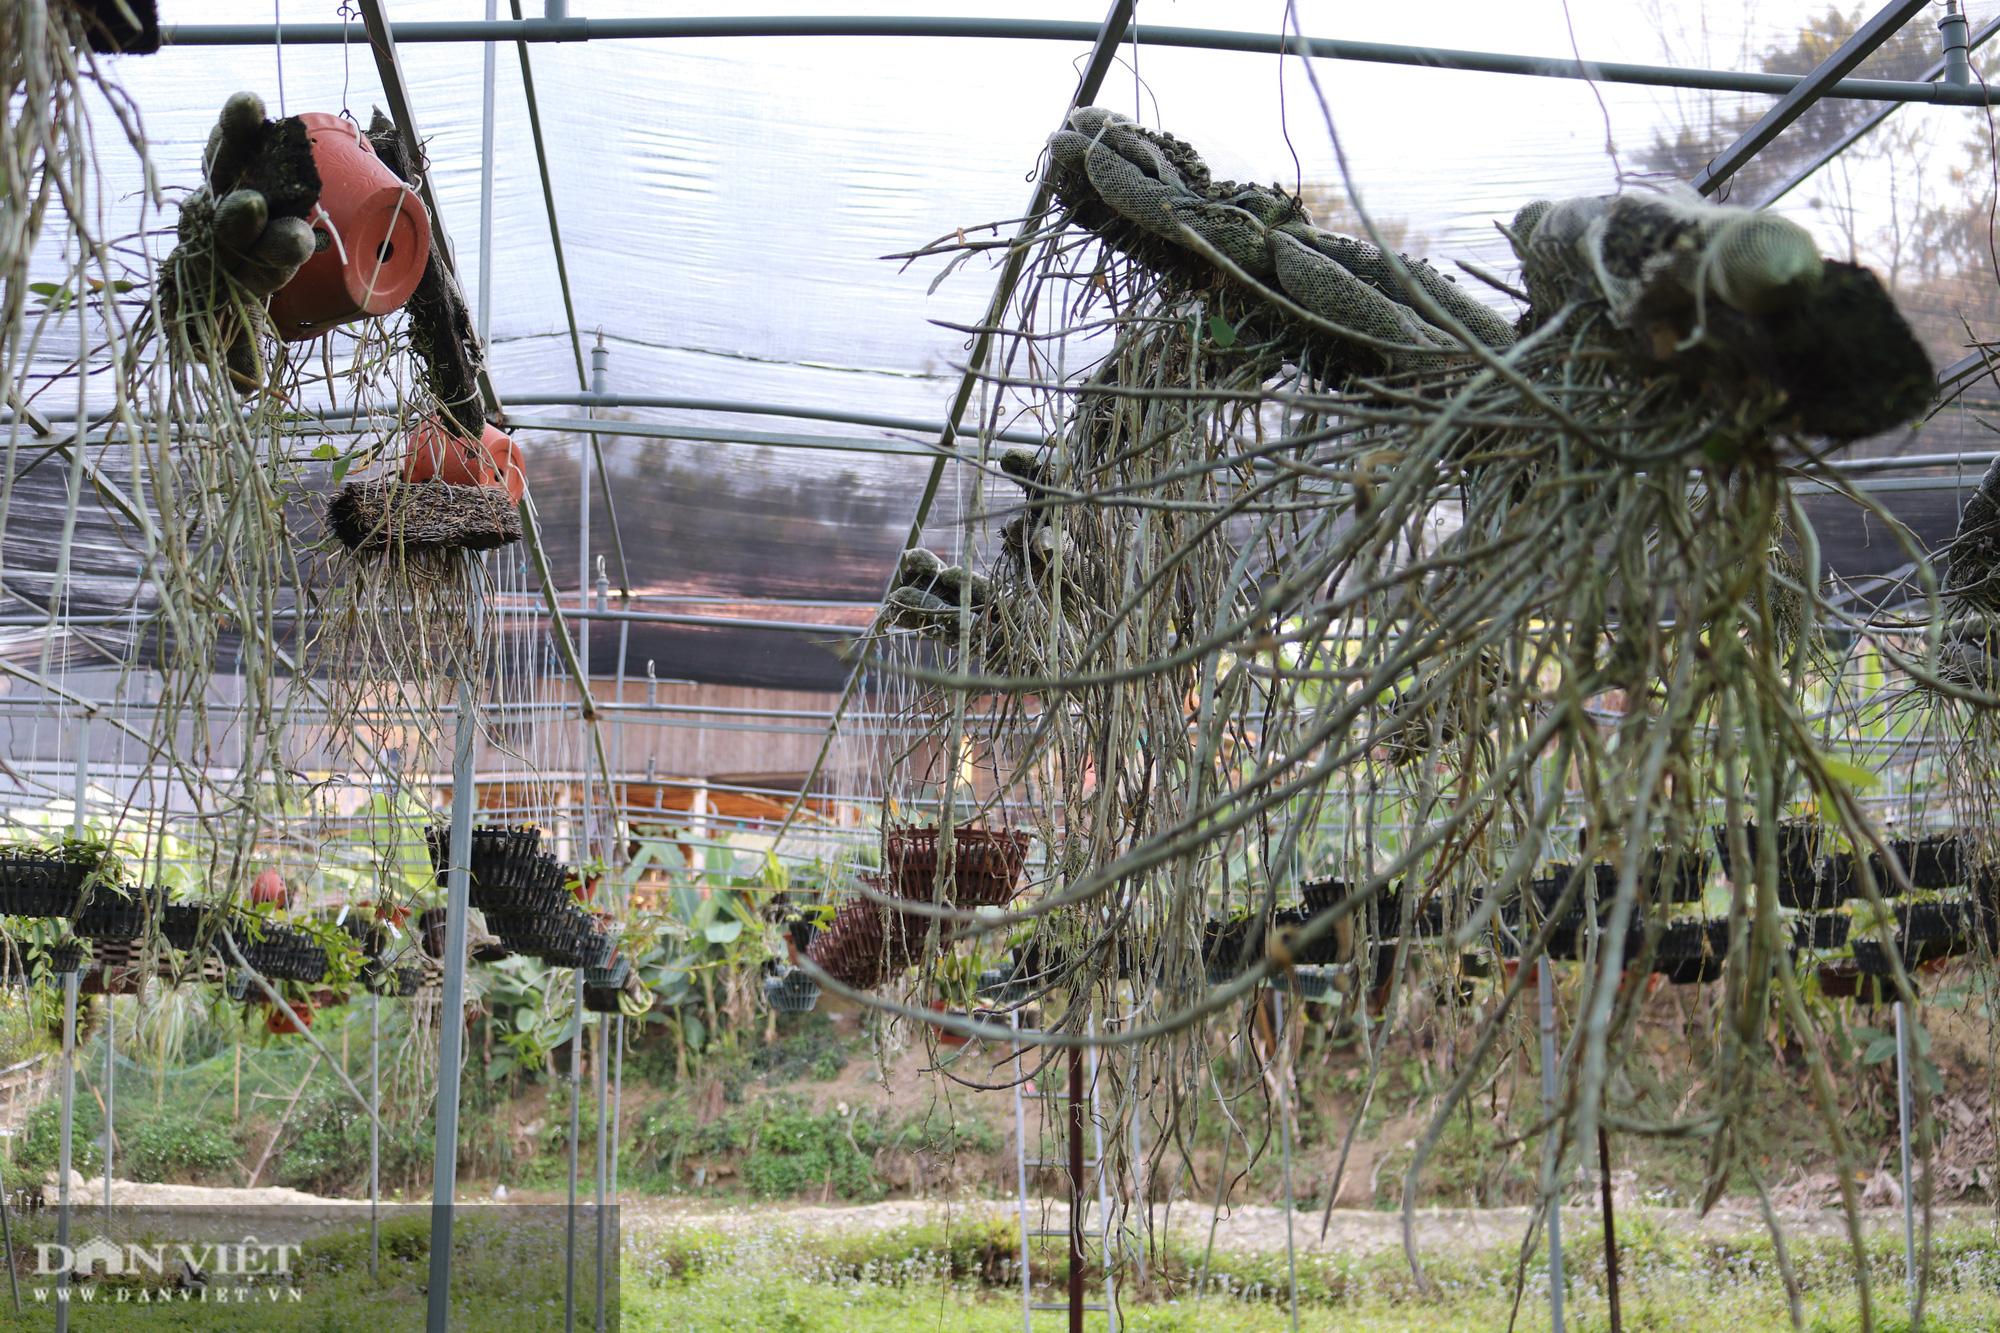 Gái Thái thu hơn 500 triệu đồng mỗi năm từ trồng lan rừng - Ảnh 3.